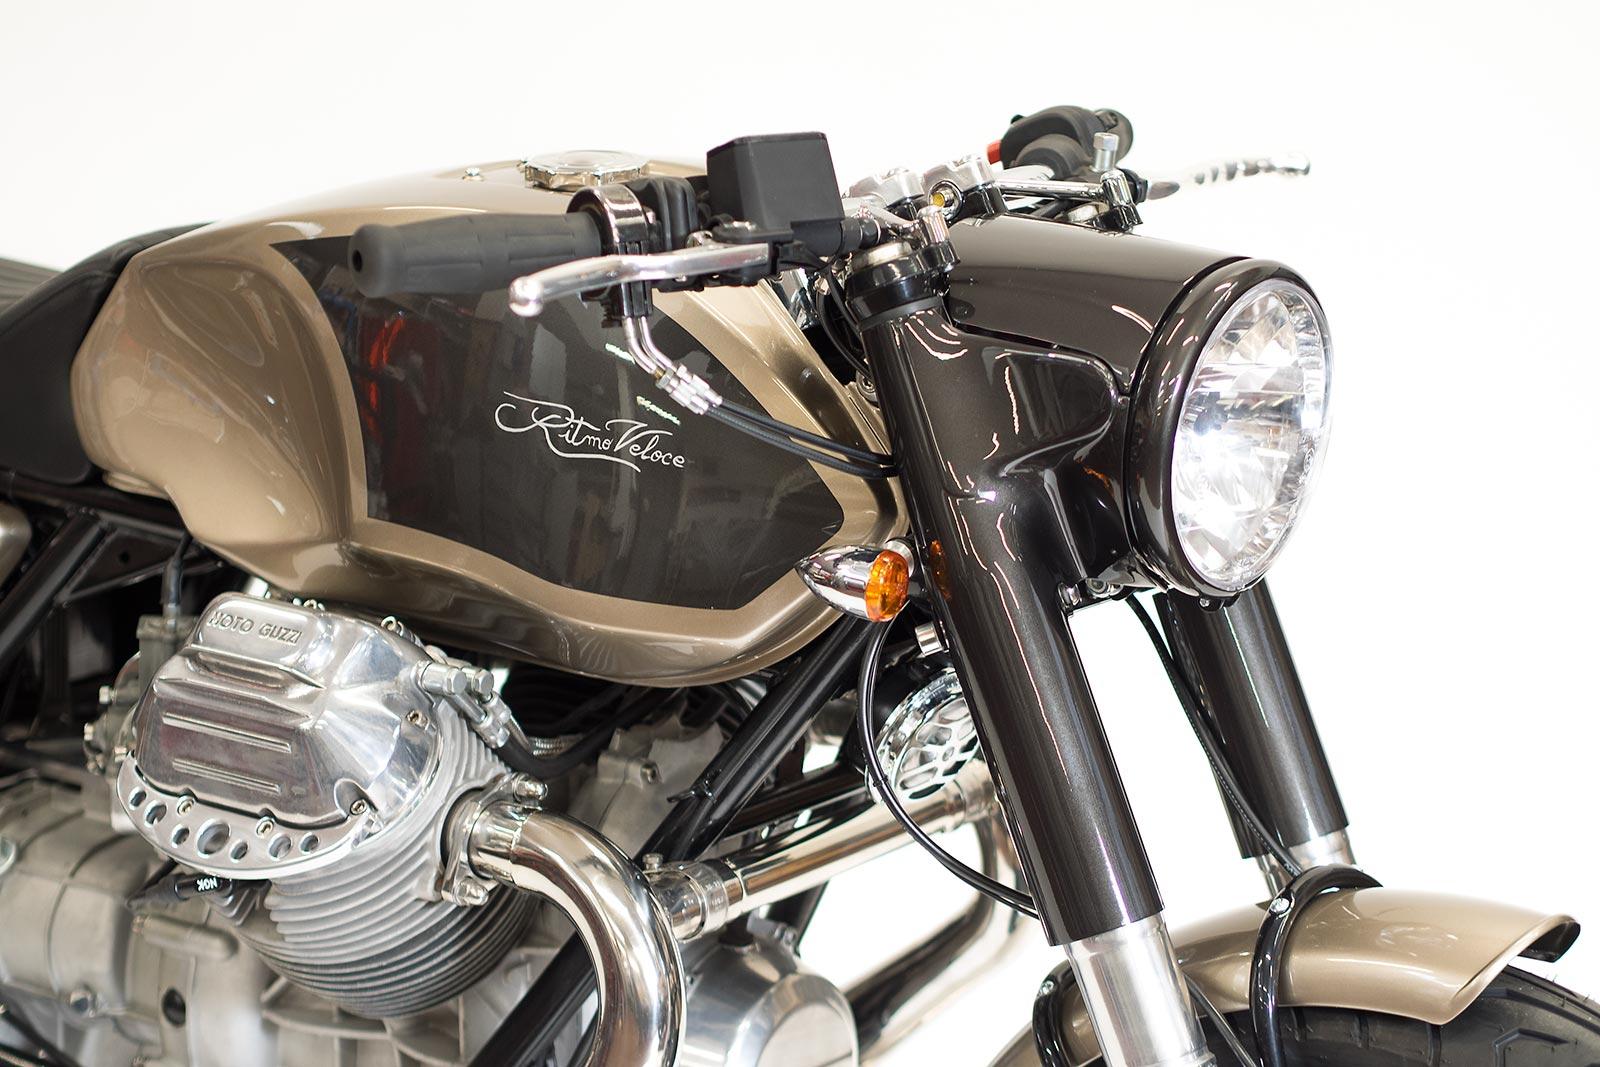 Moto Guzzi Ritmo Veloce by Officine Rossopuro (2)